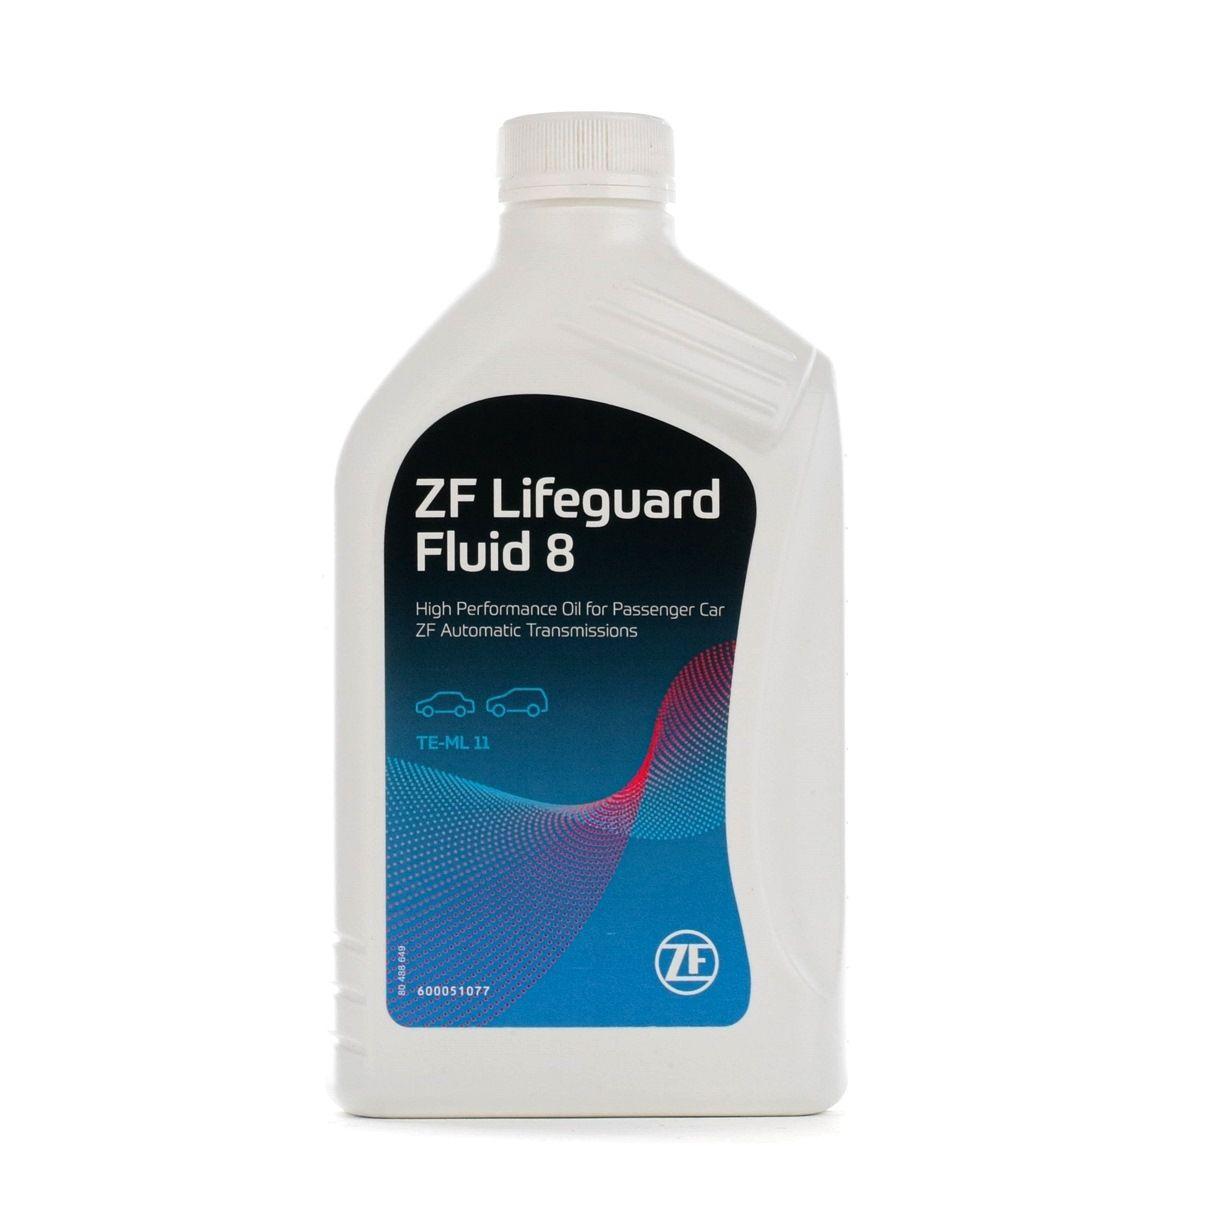 Hajtóműolaj S671.090.312 - ZF GETRIEBE kivételes ár-érték arány